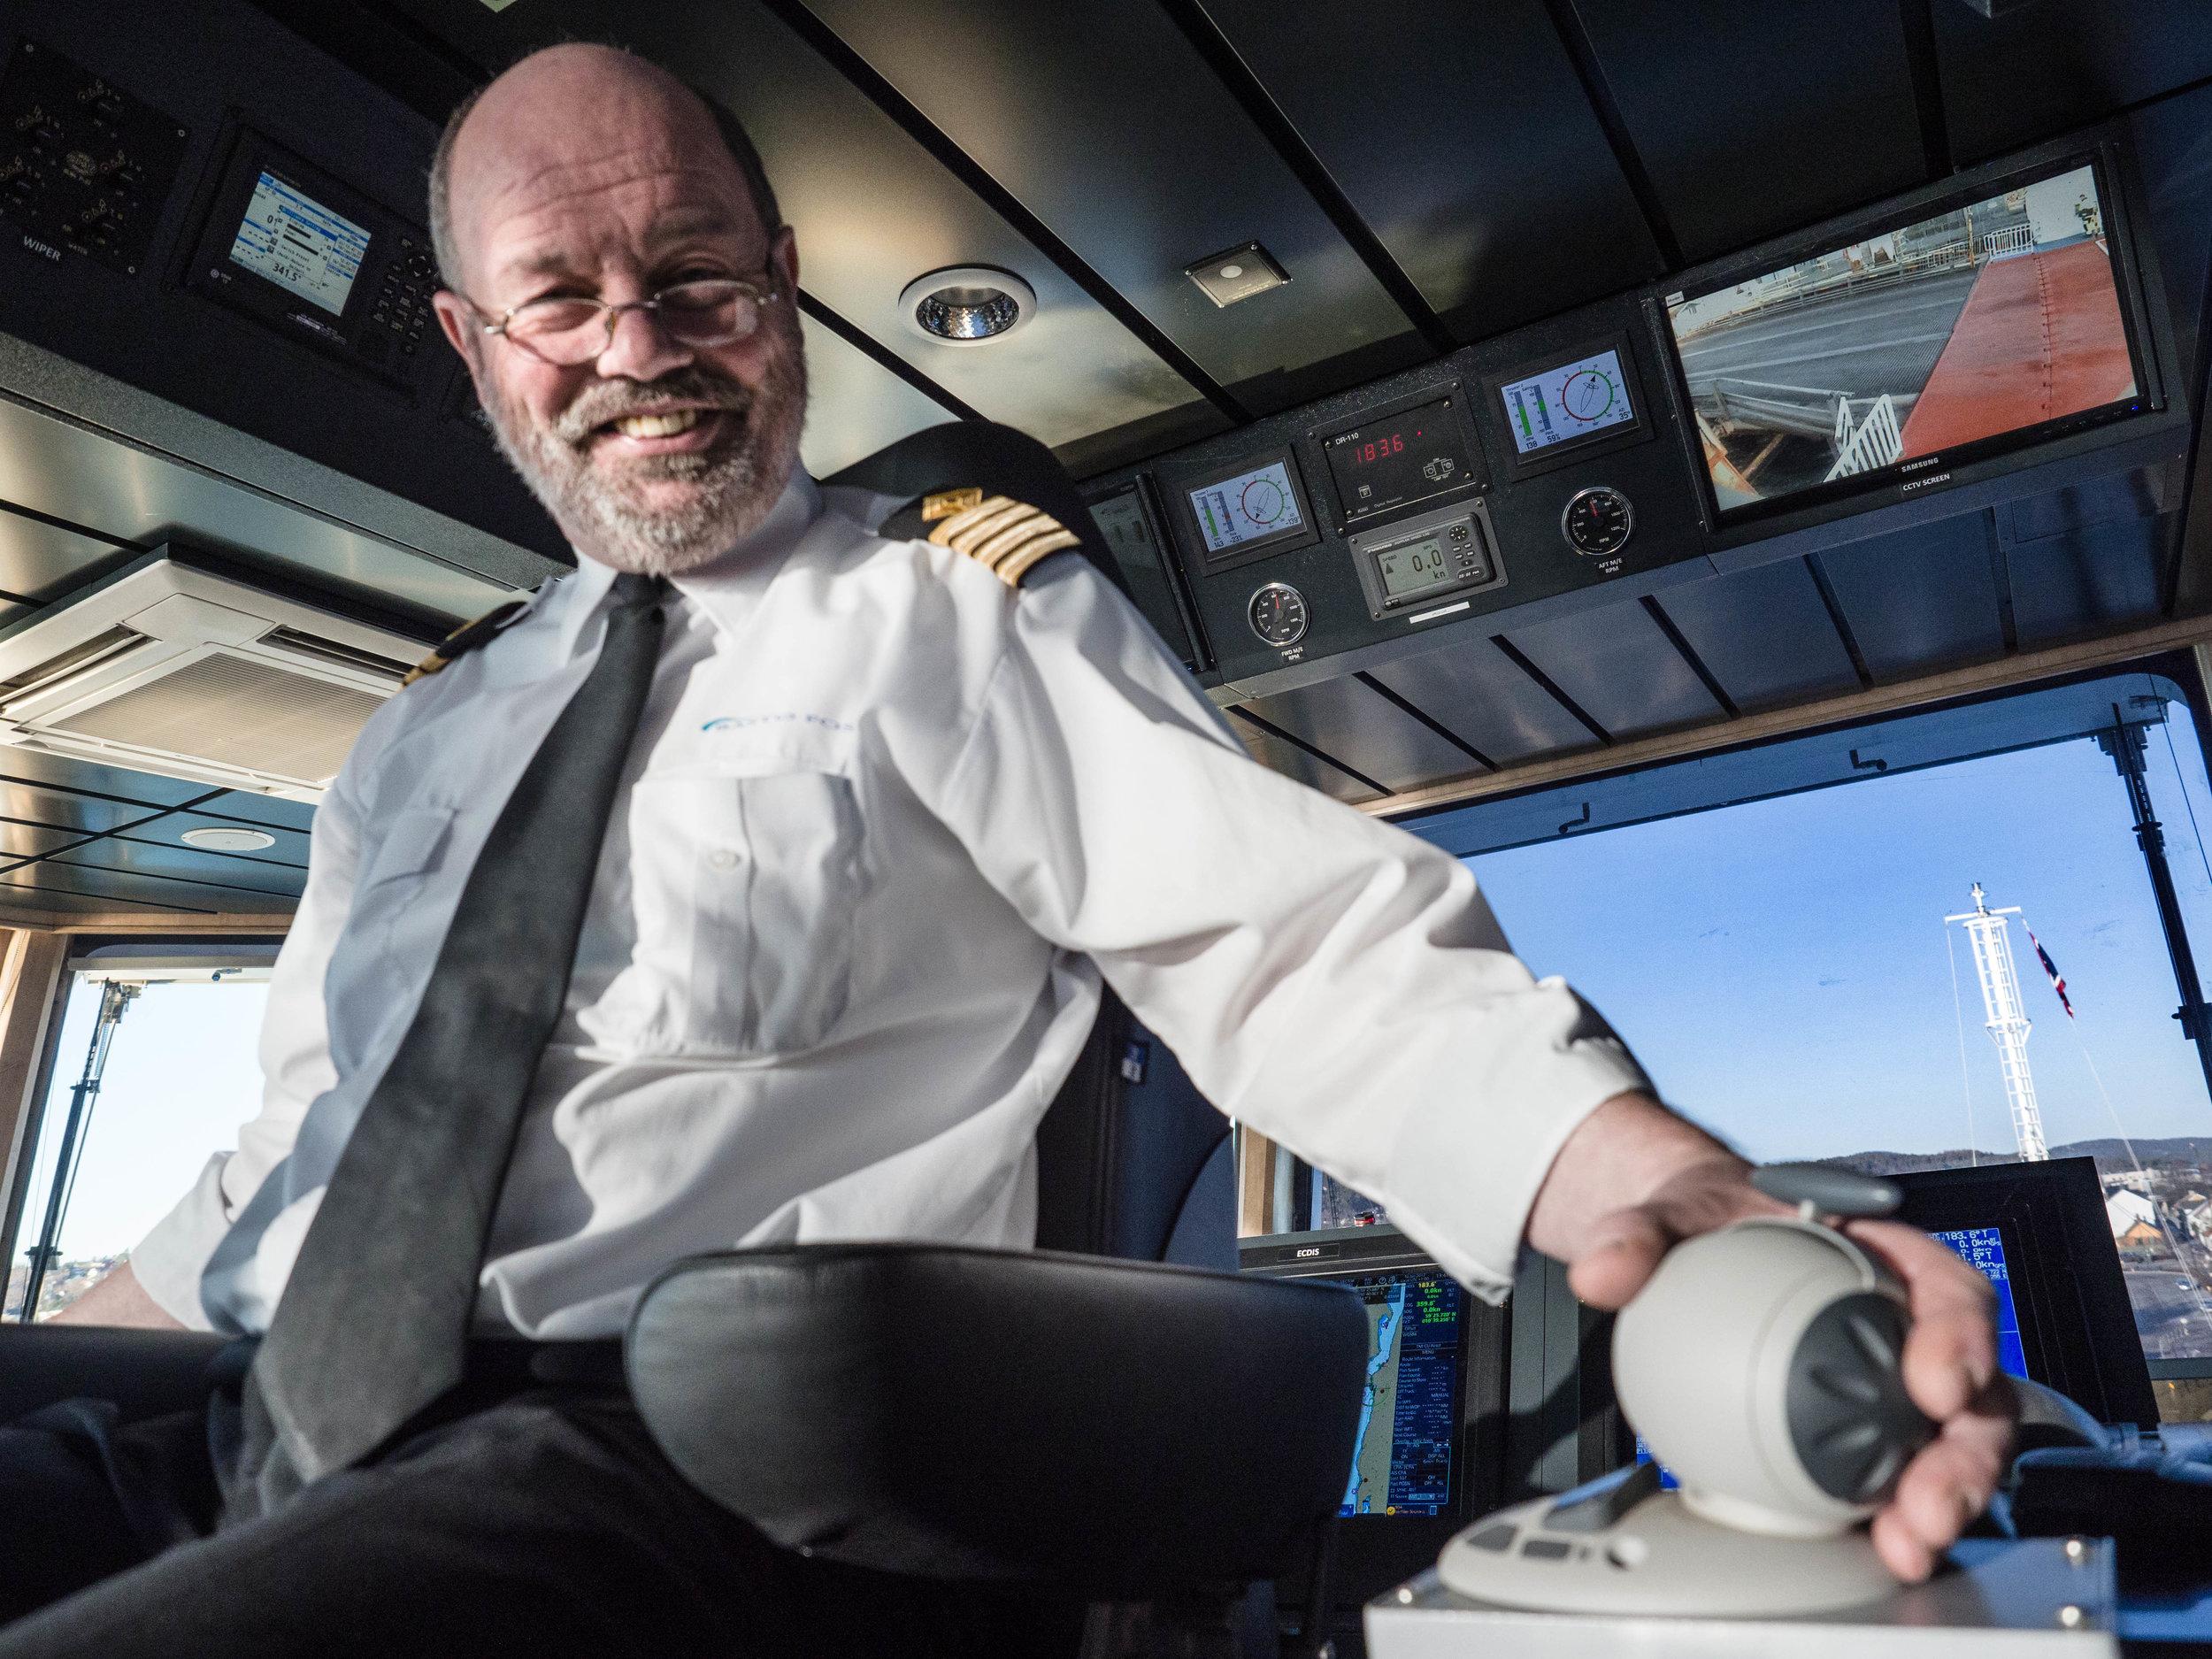 SIKKER DRIFT: Kaptein Nils Hauge har krysset Oslofjorden i 29 år uten skader, men Færderseilasen kan skape kaos på fjorden.